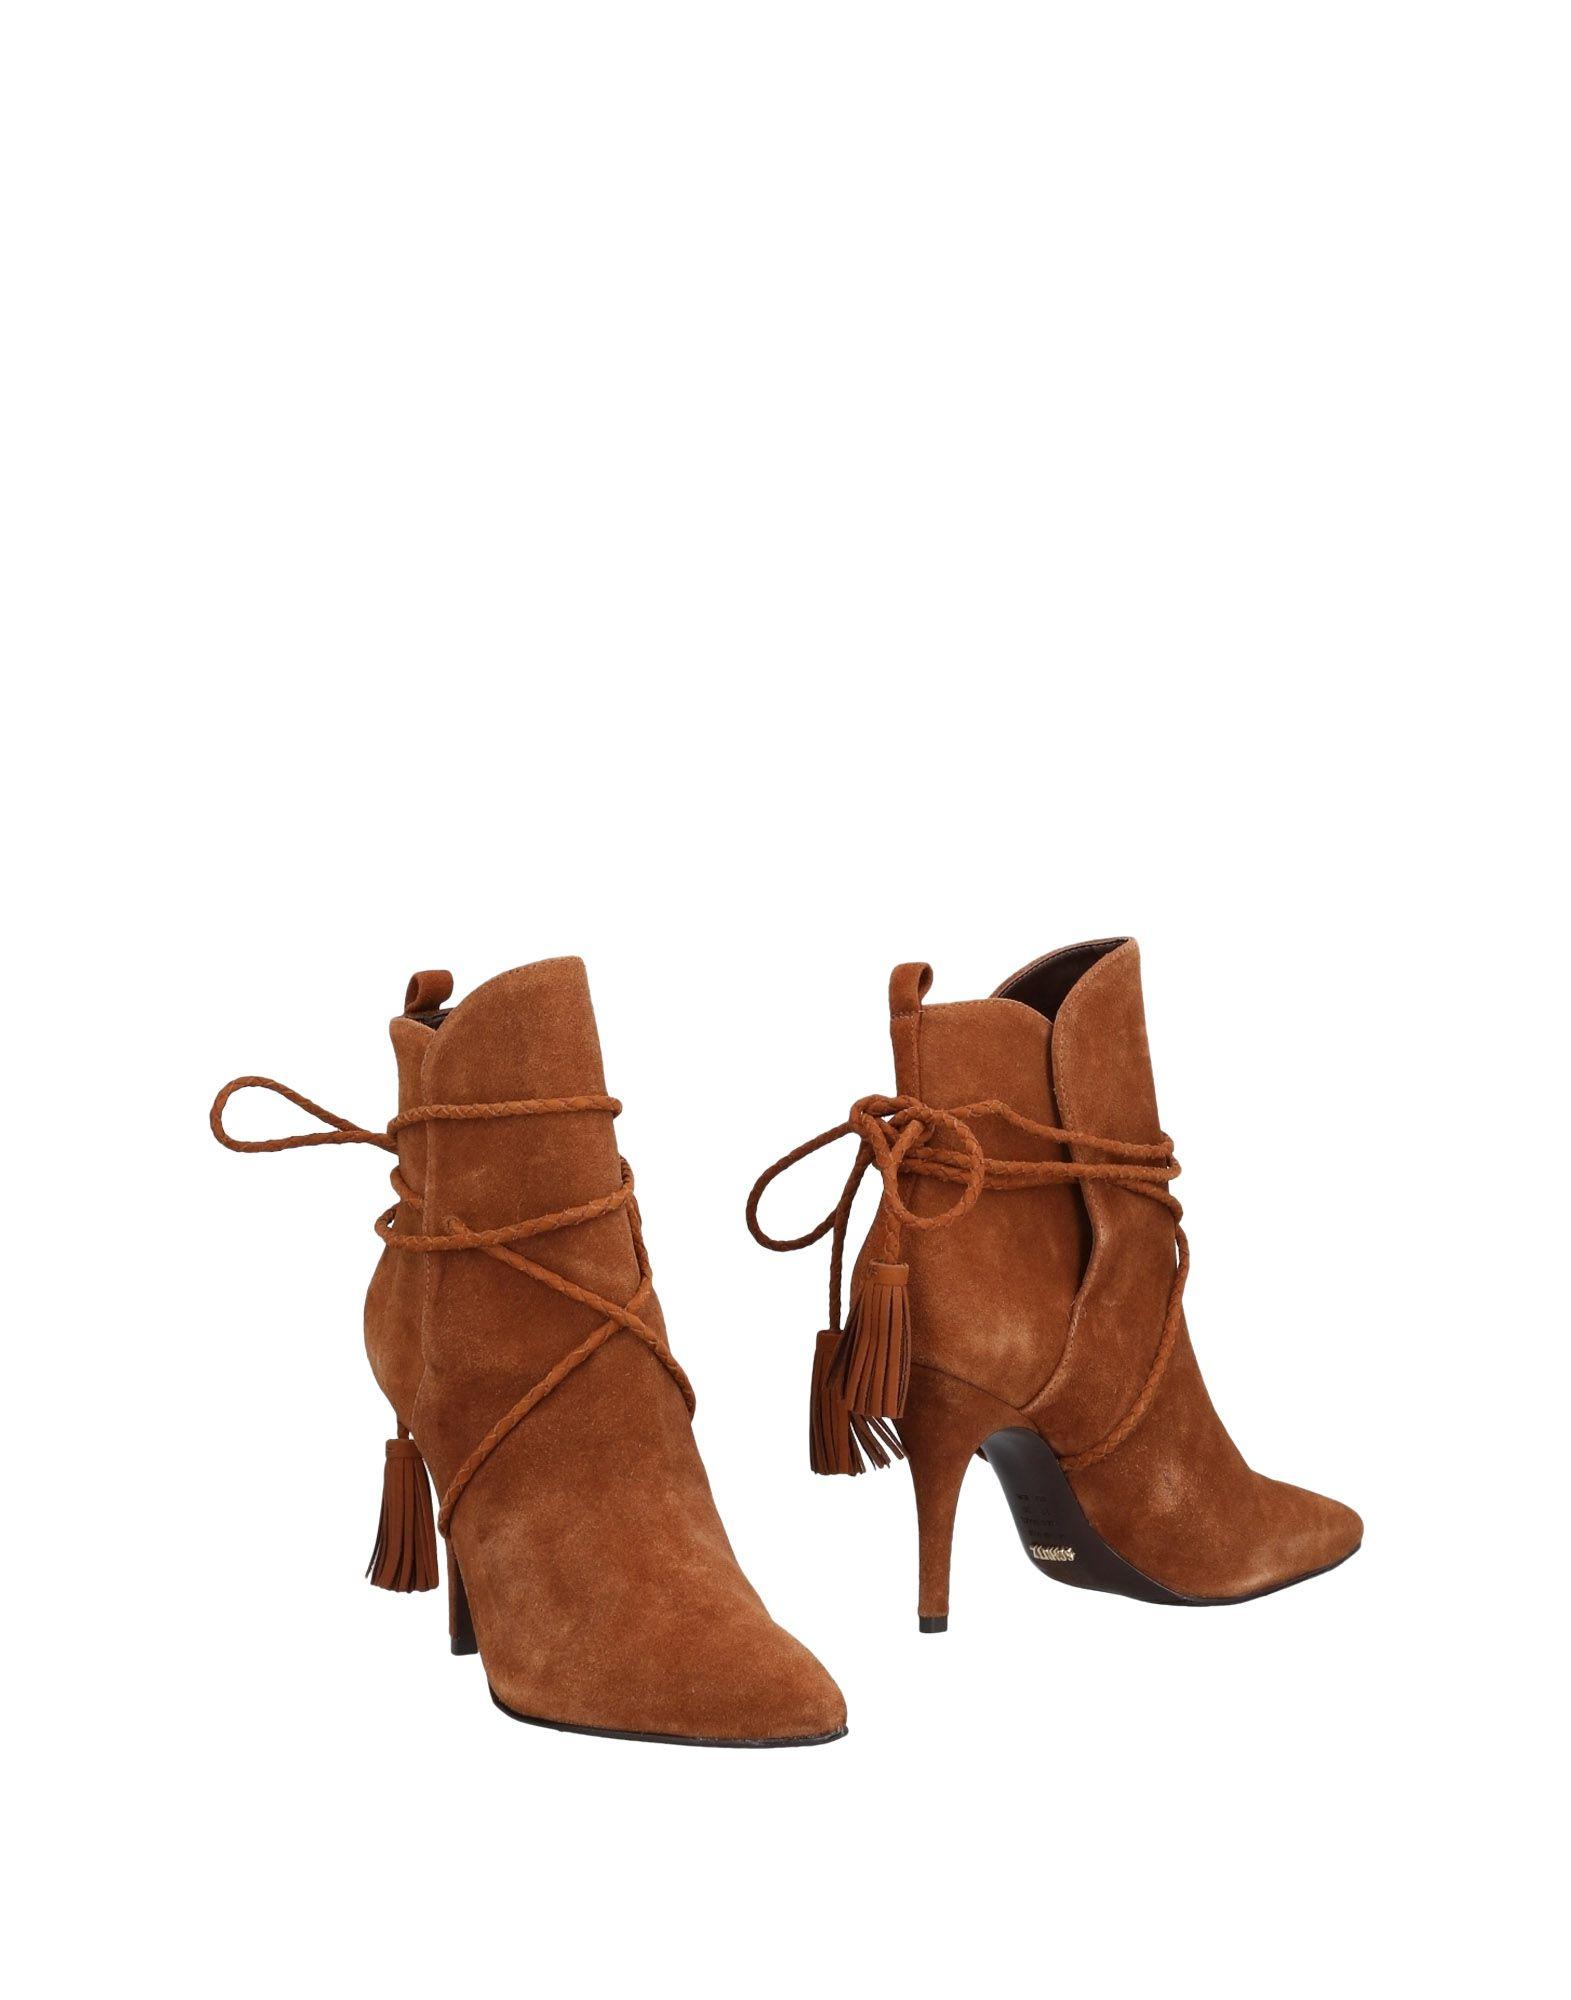 Stilvolle billige Stiefelette Schuhe Schutz Stiefelette billige Damen  11477542DU 46db14